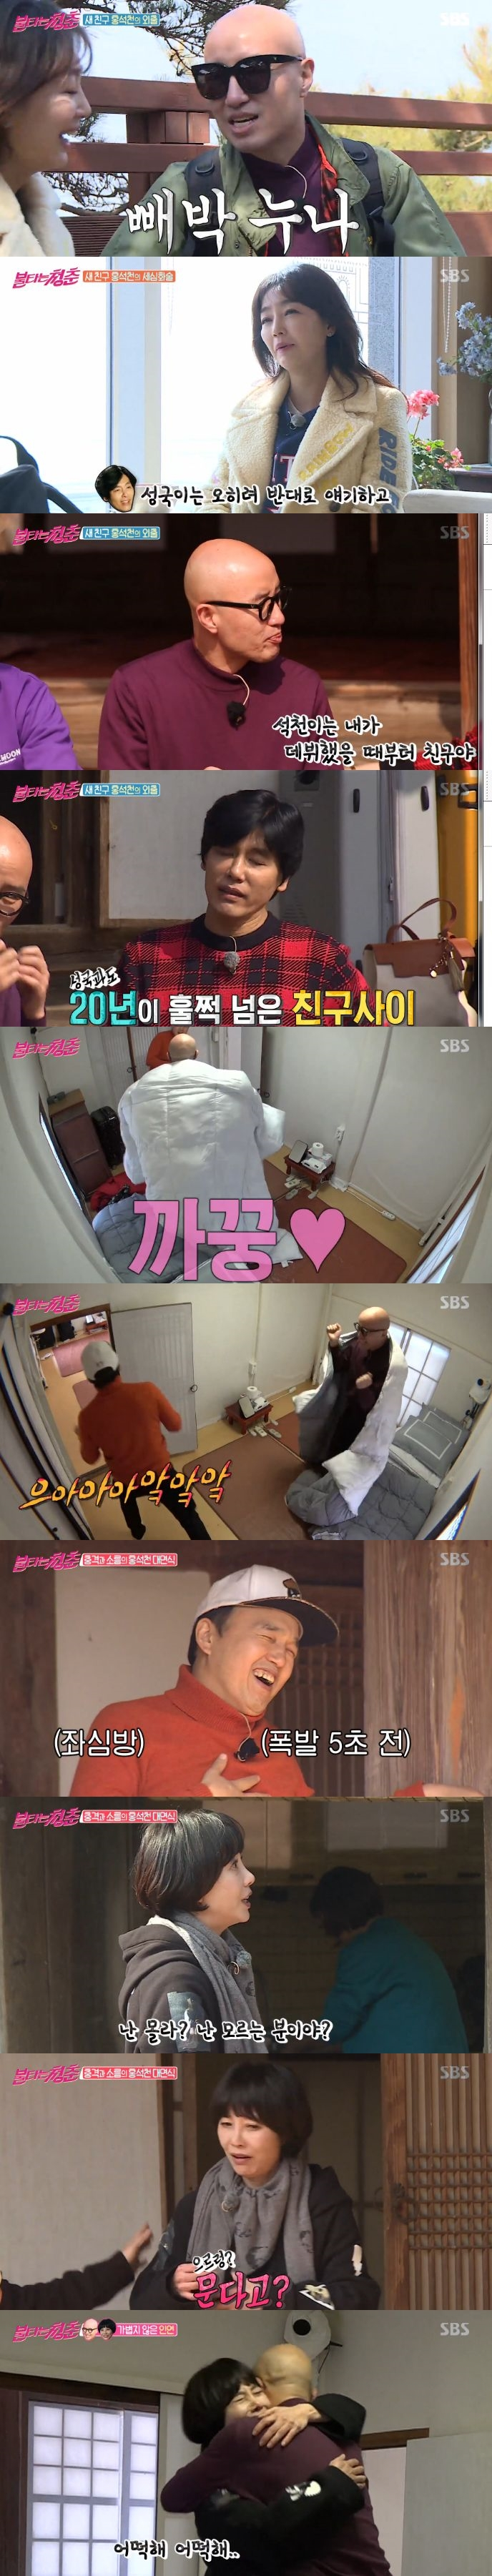 '불청' 홍석천, 등장만으로 '웃음X눈물'…존재감甲 새친구[TV핫샷]